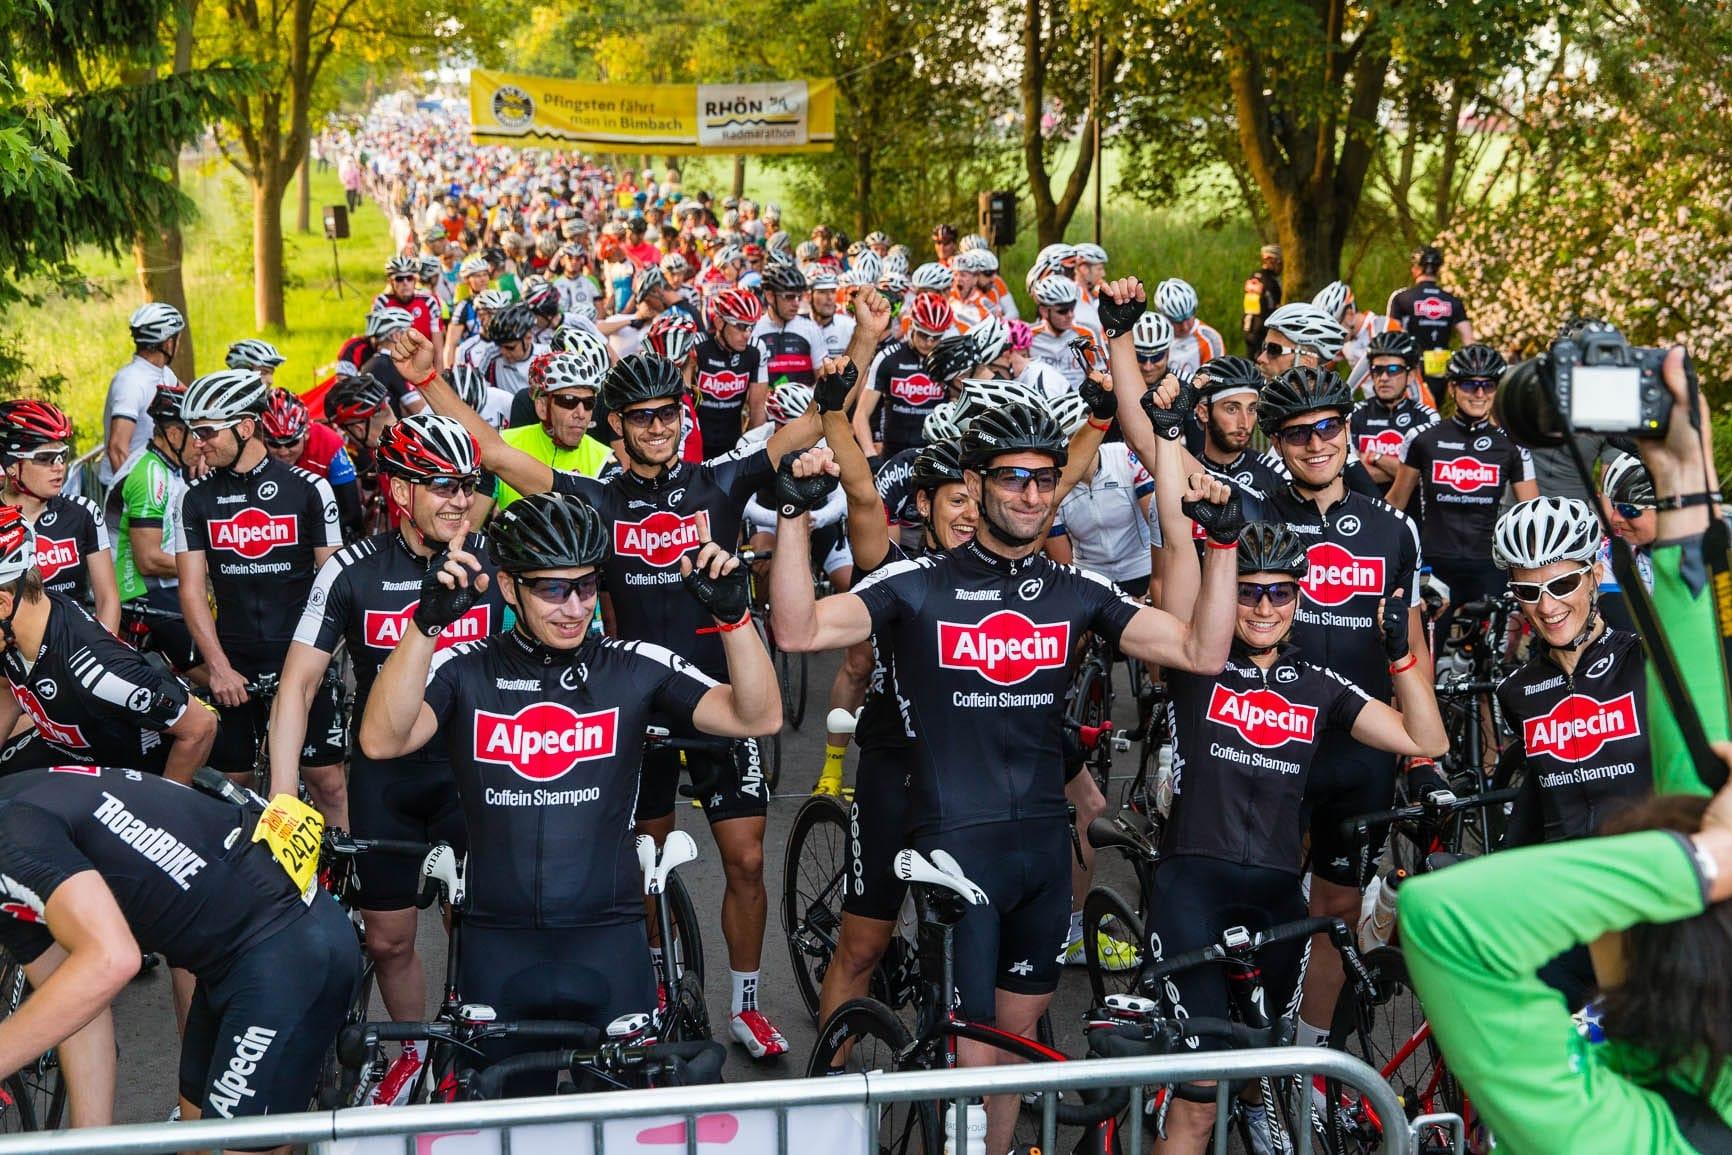 Das Team Alpecin beim Rhönmarathon